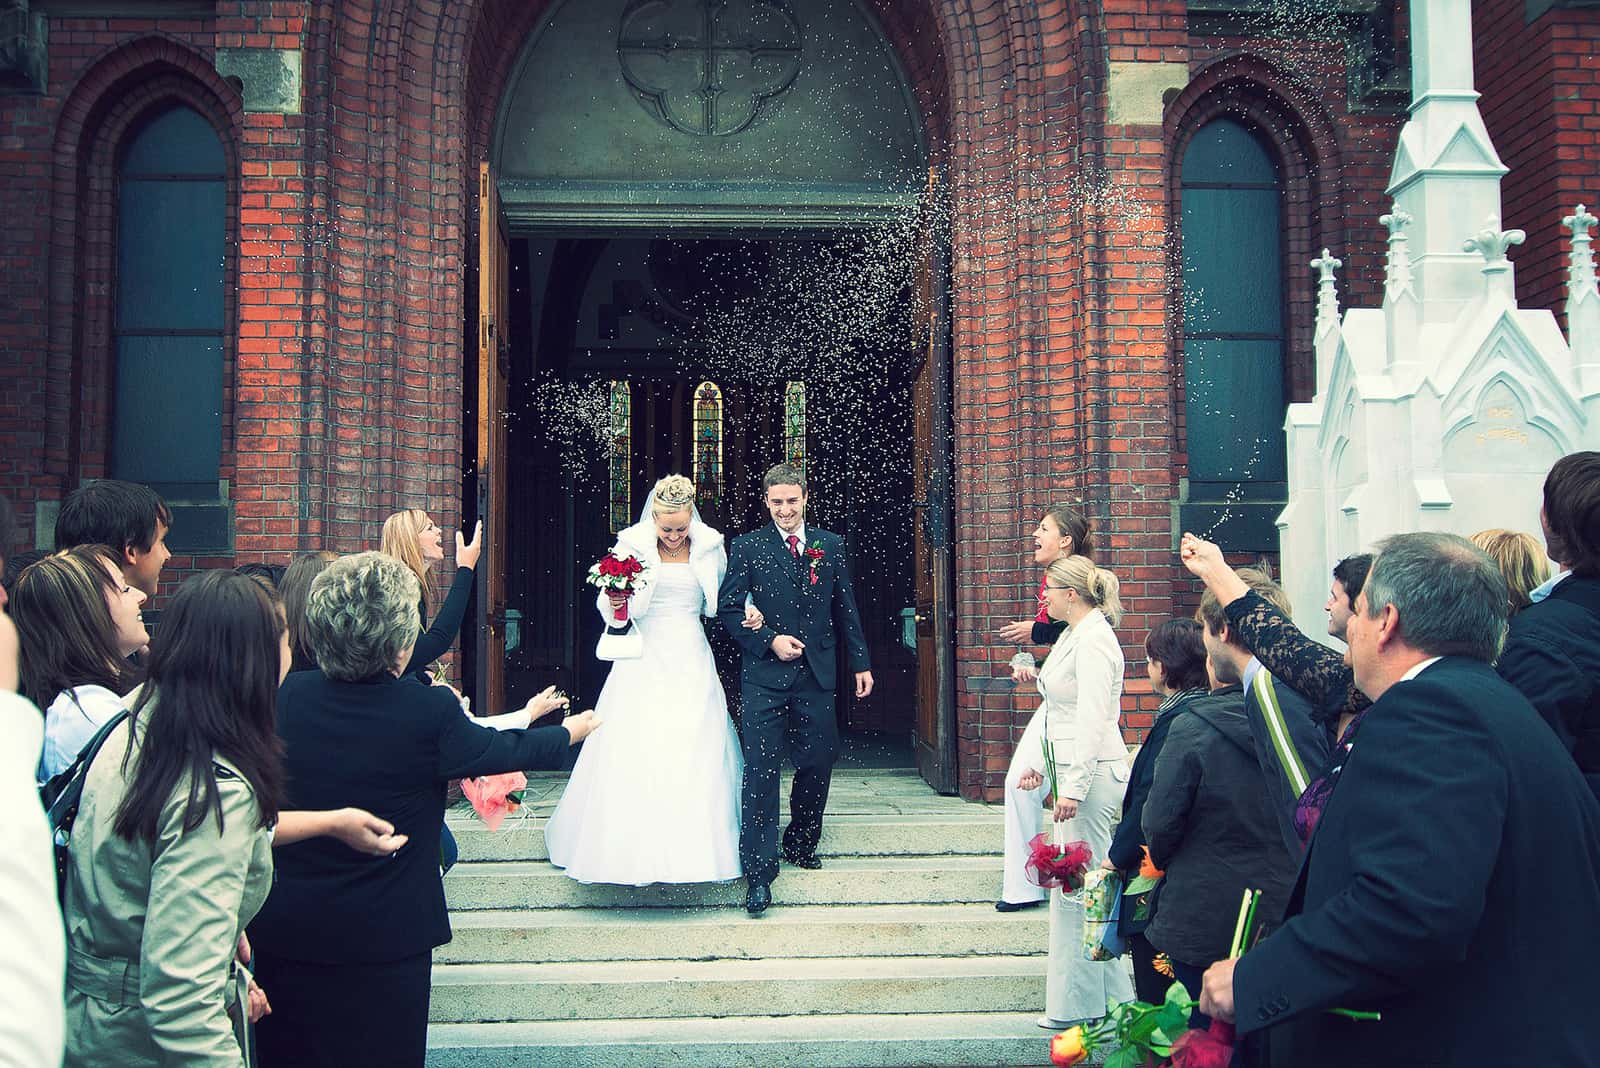 Braut und Bräutigam an der Kirchentür mit Reiskonfetti geworfen